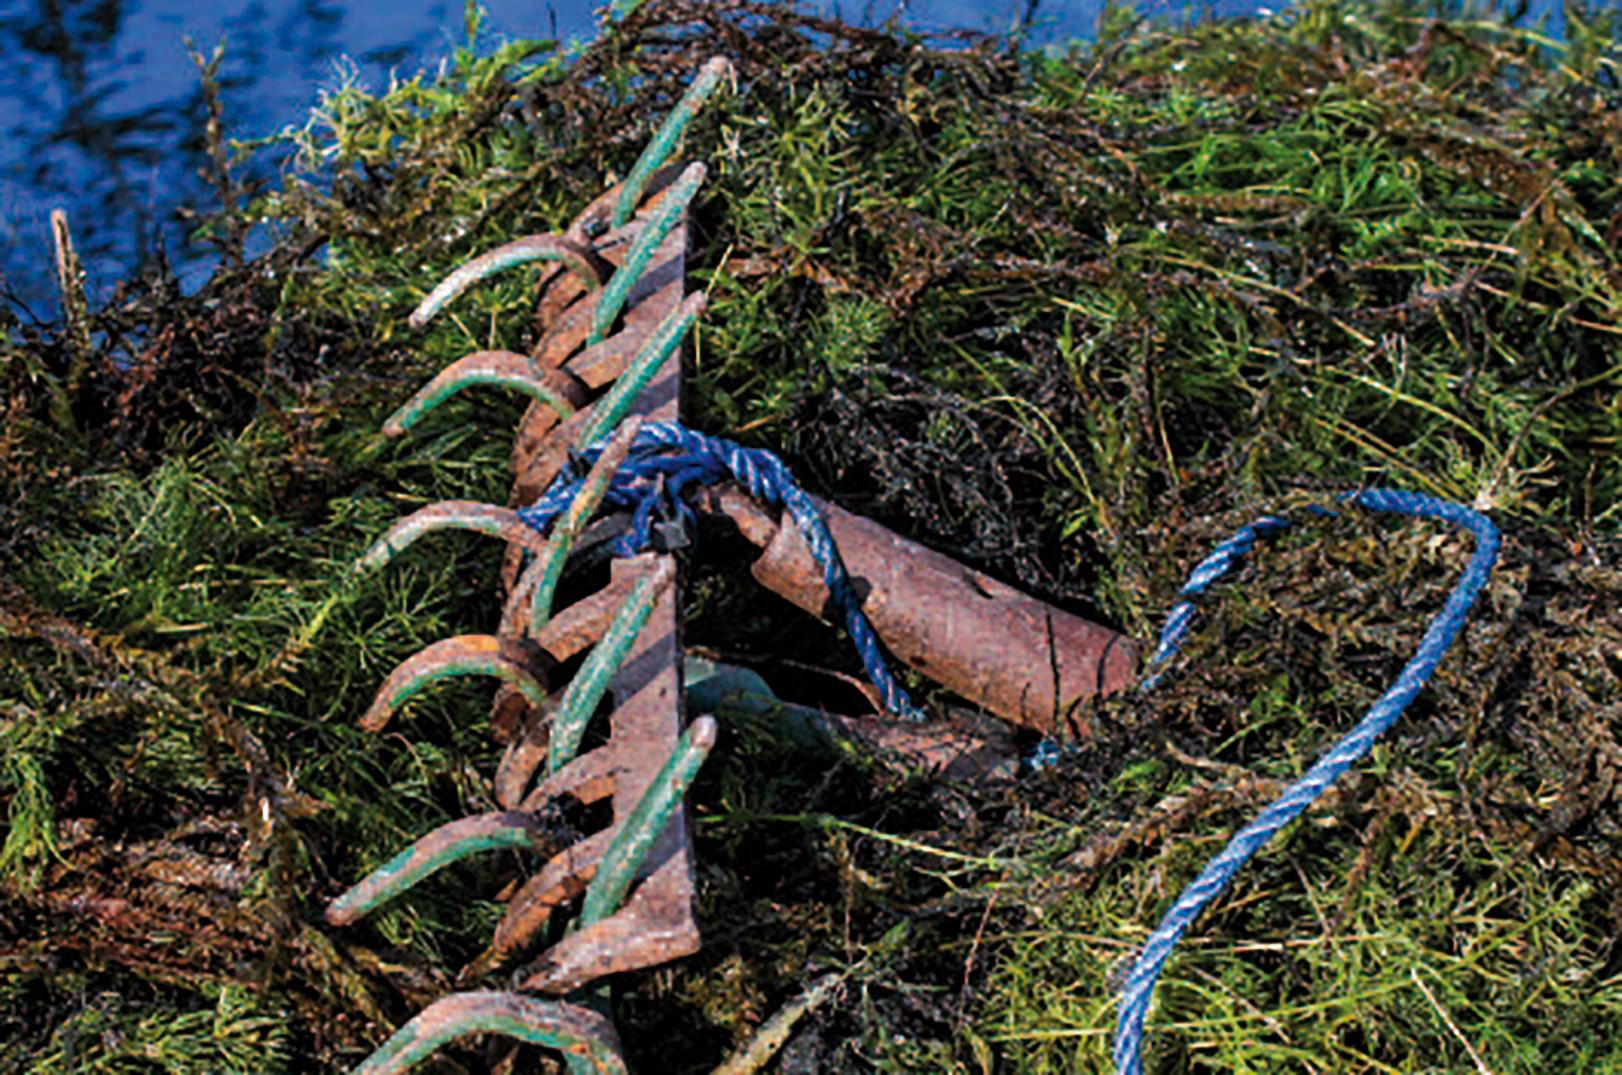 En grøderive er guld værd, når man skal rydde en plads for vandplanter, så det er til at komme til at fiske efter suderne.